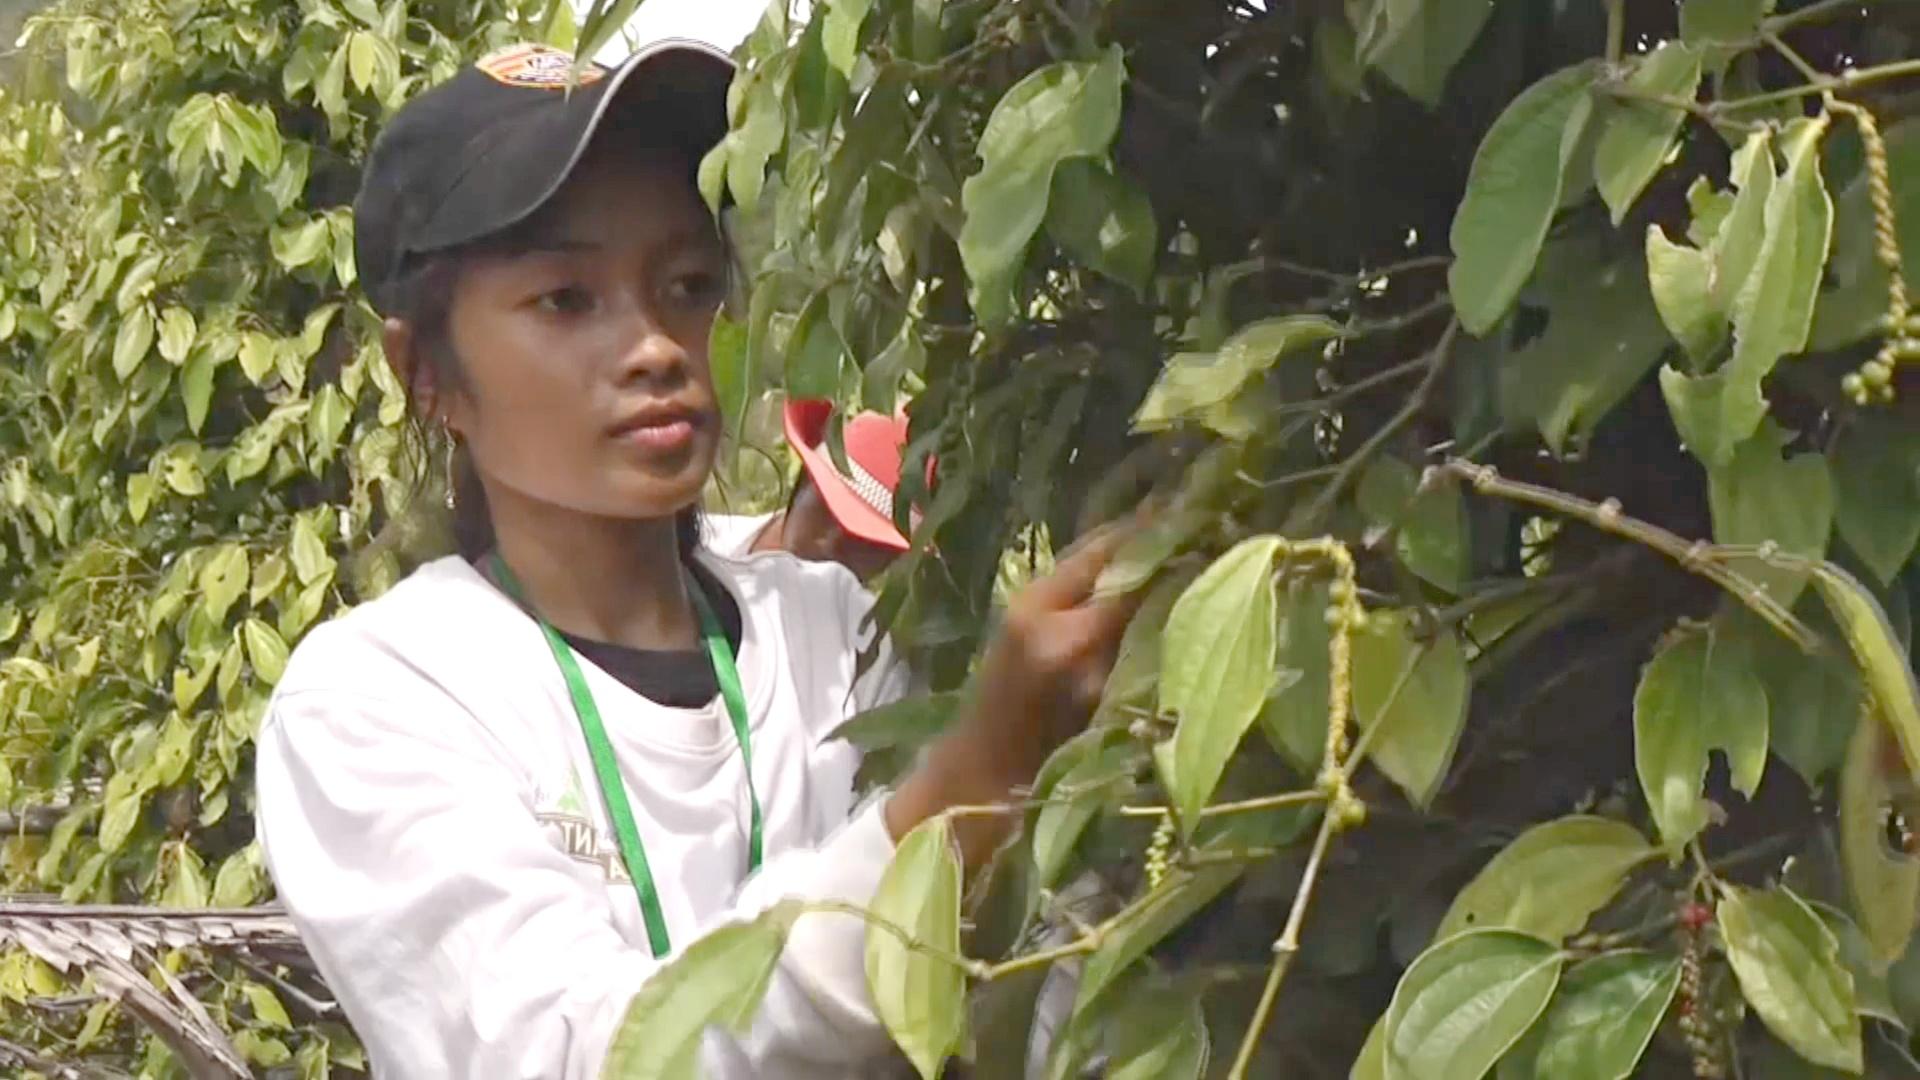 Камбоджа ищет новые рынки для своего уникального кампотского перца